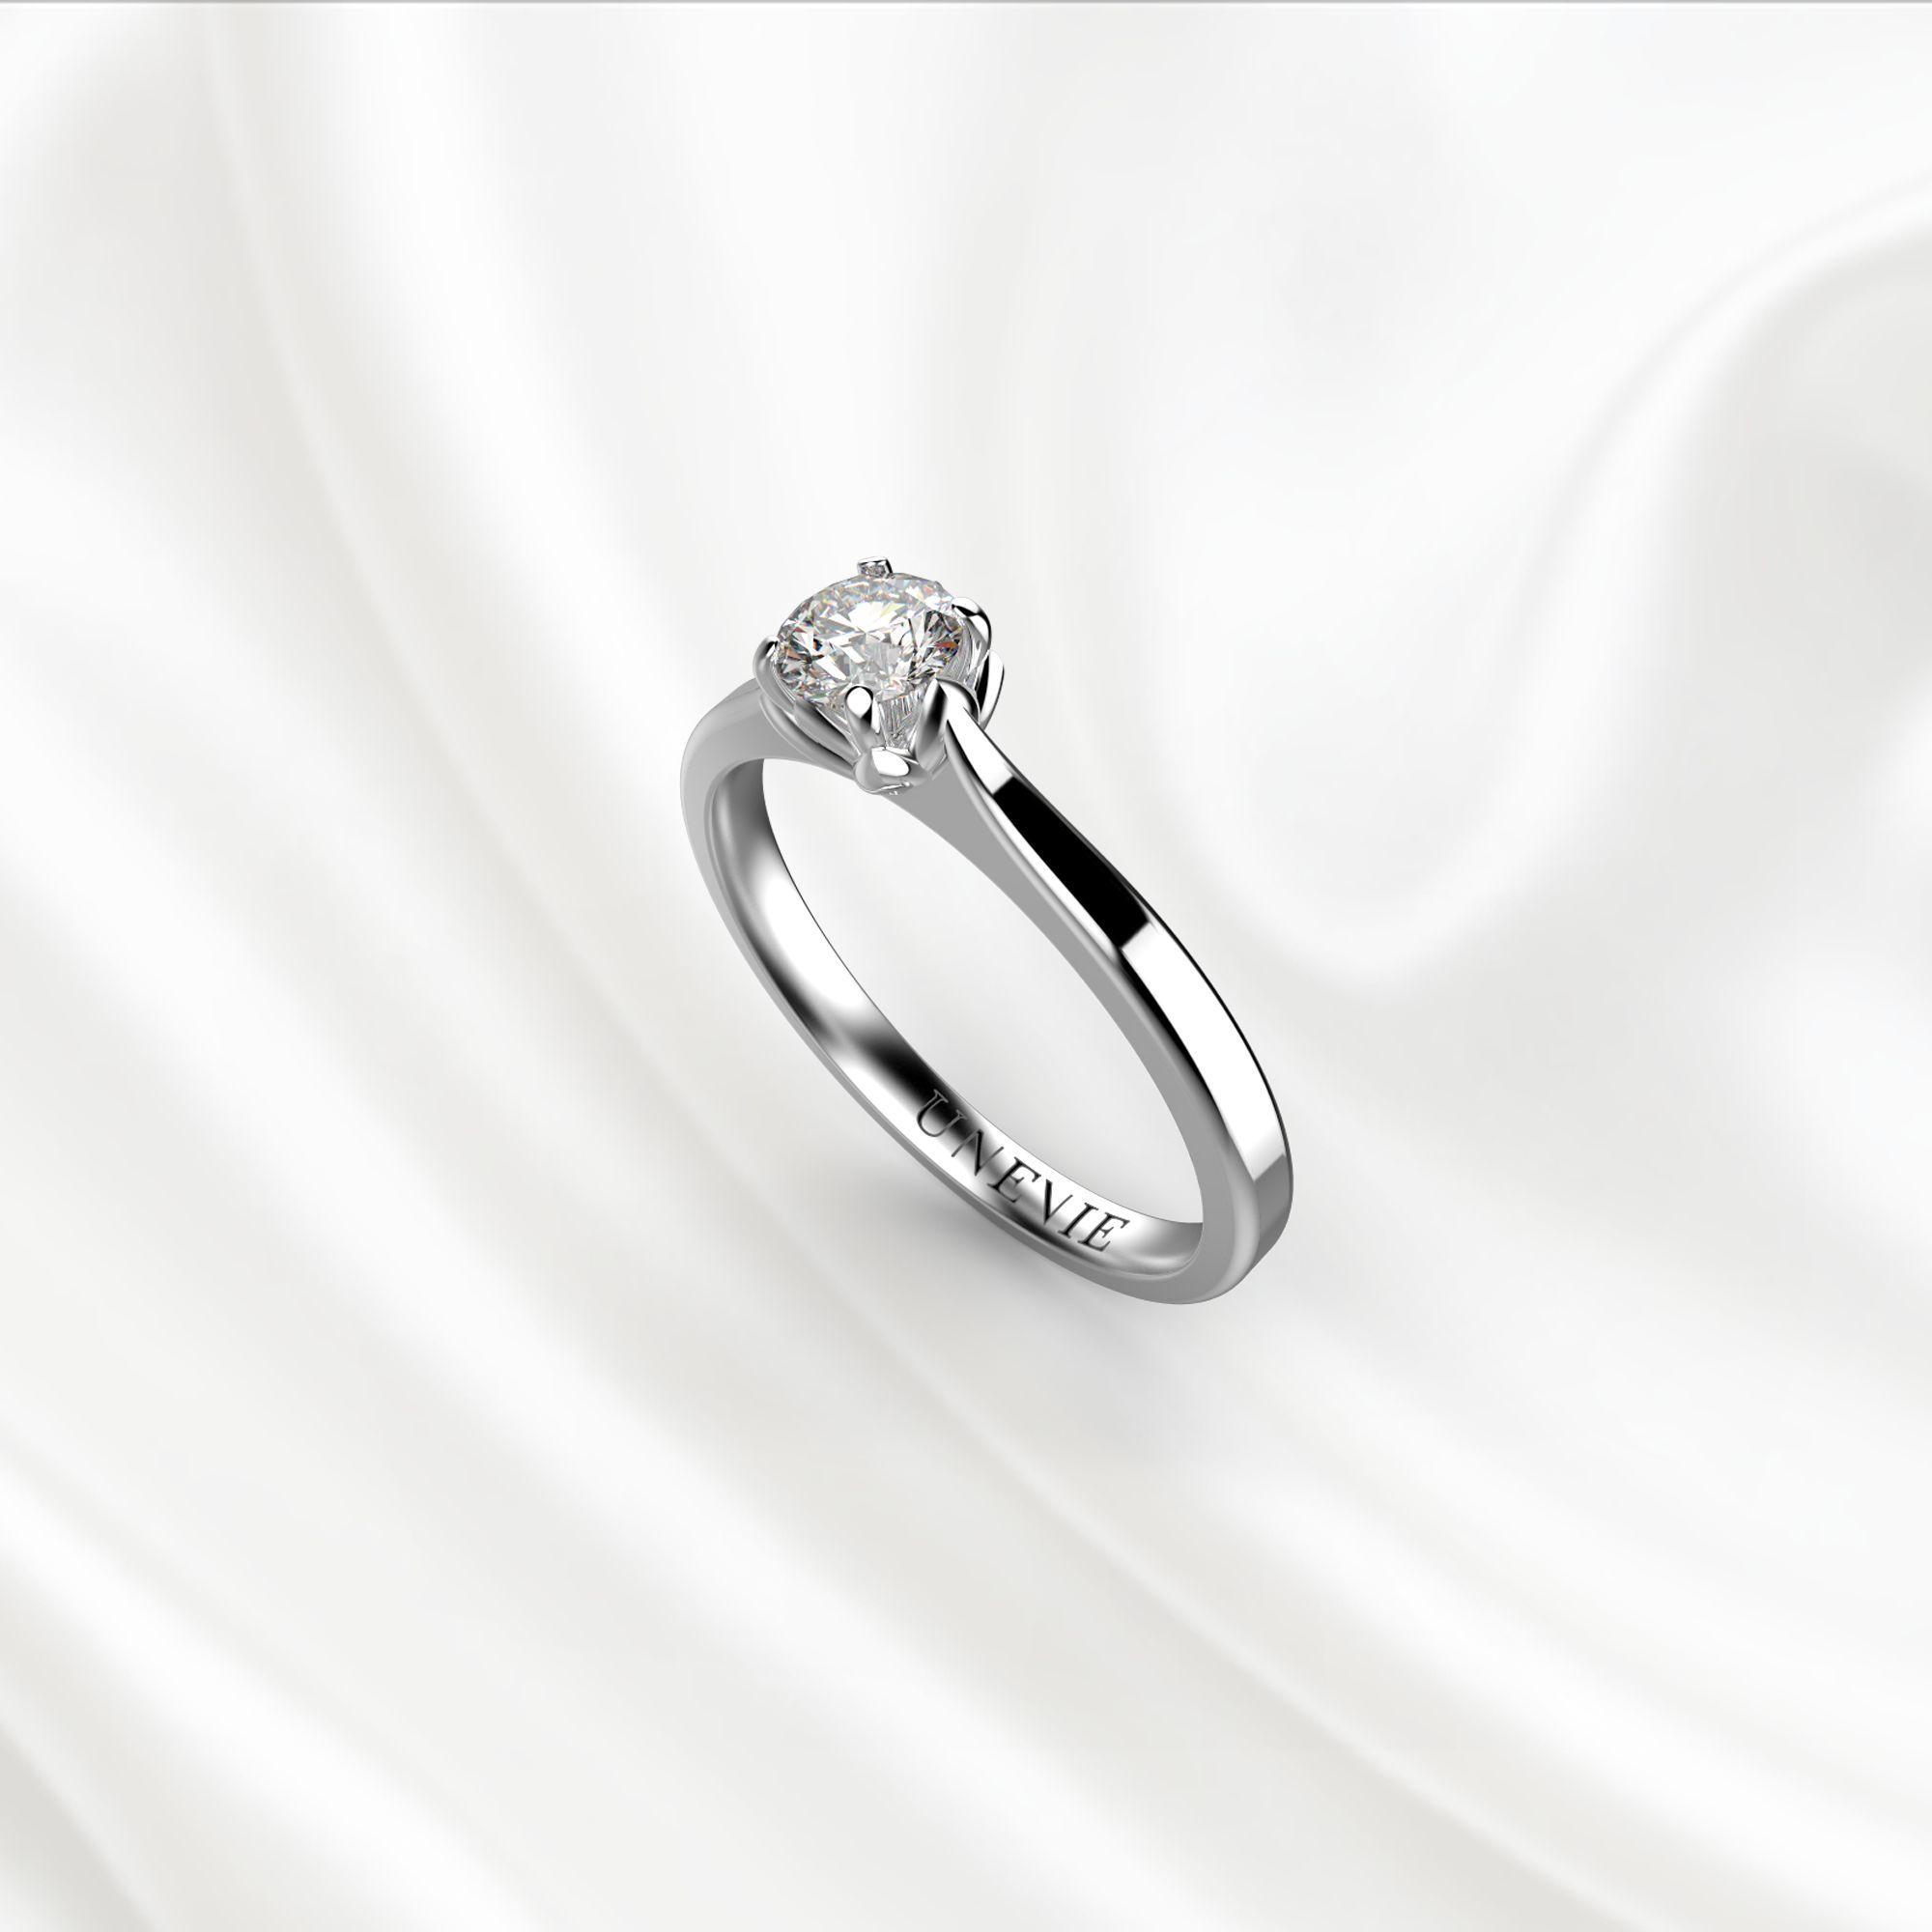 N16-1 Помолвочное кольцо из белого золота с бриллиантом 0.2 карат